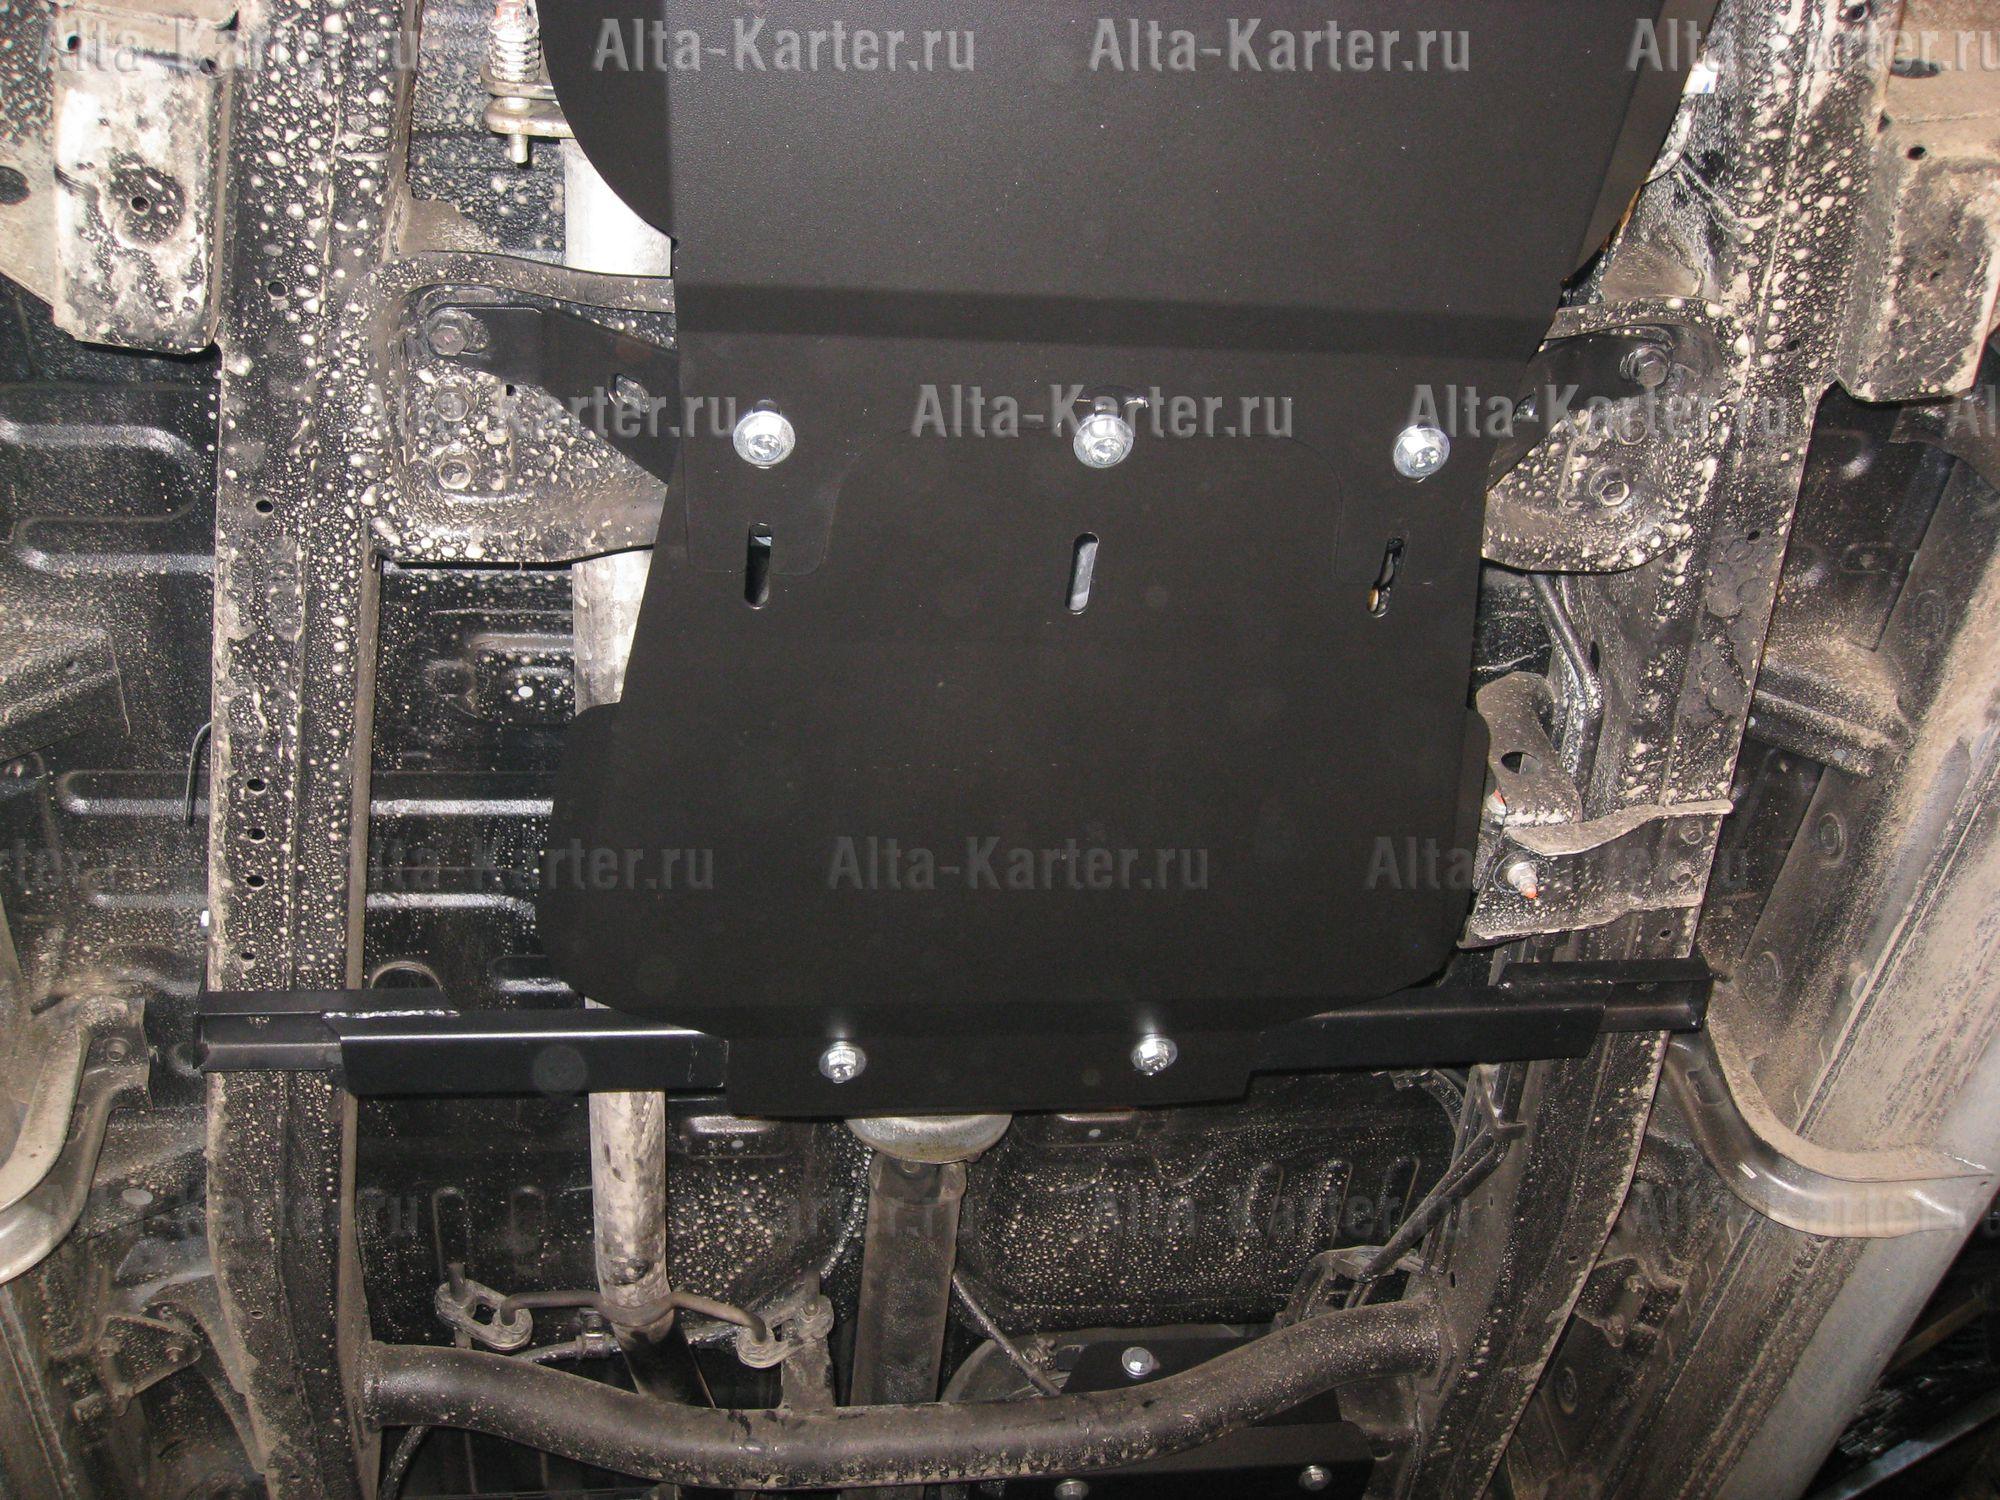 Защита Alfeco для раздатки (часть 2) Mitsubishi Pajero Sport II 2008-2015. Артикул ALF.14.09.2 st